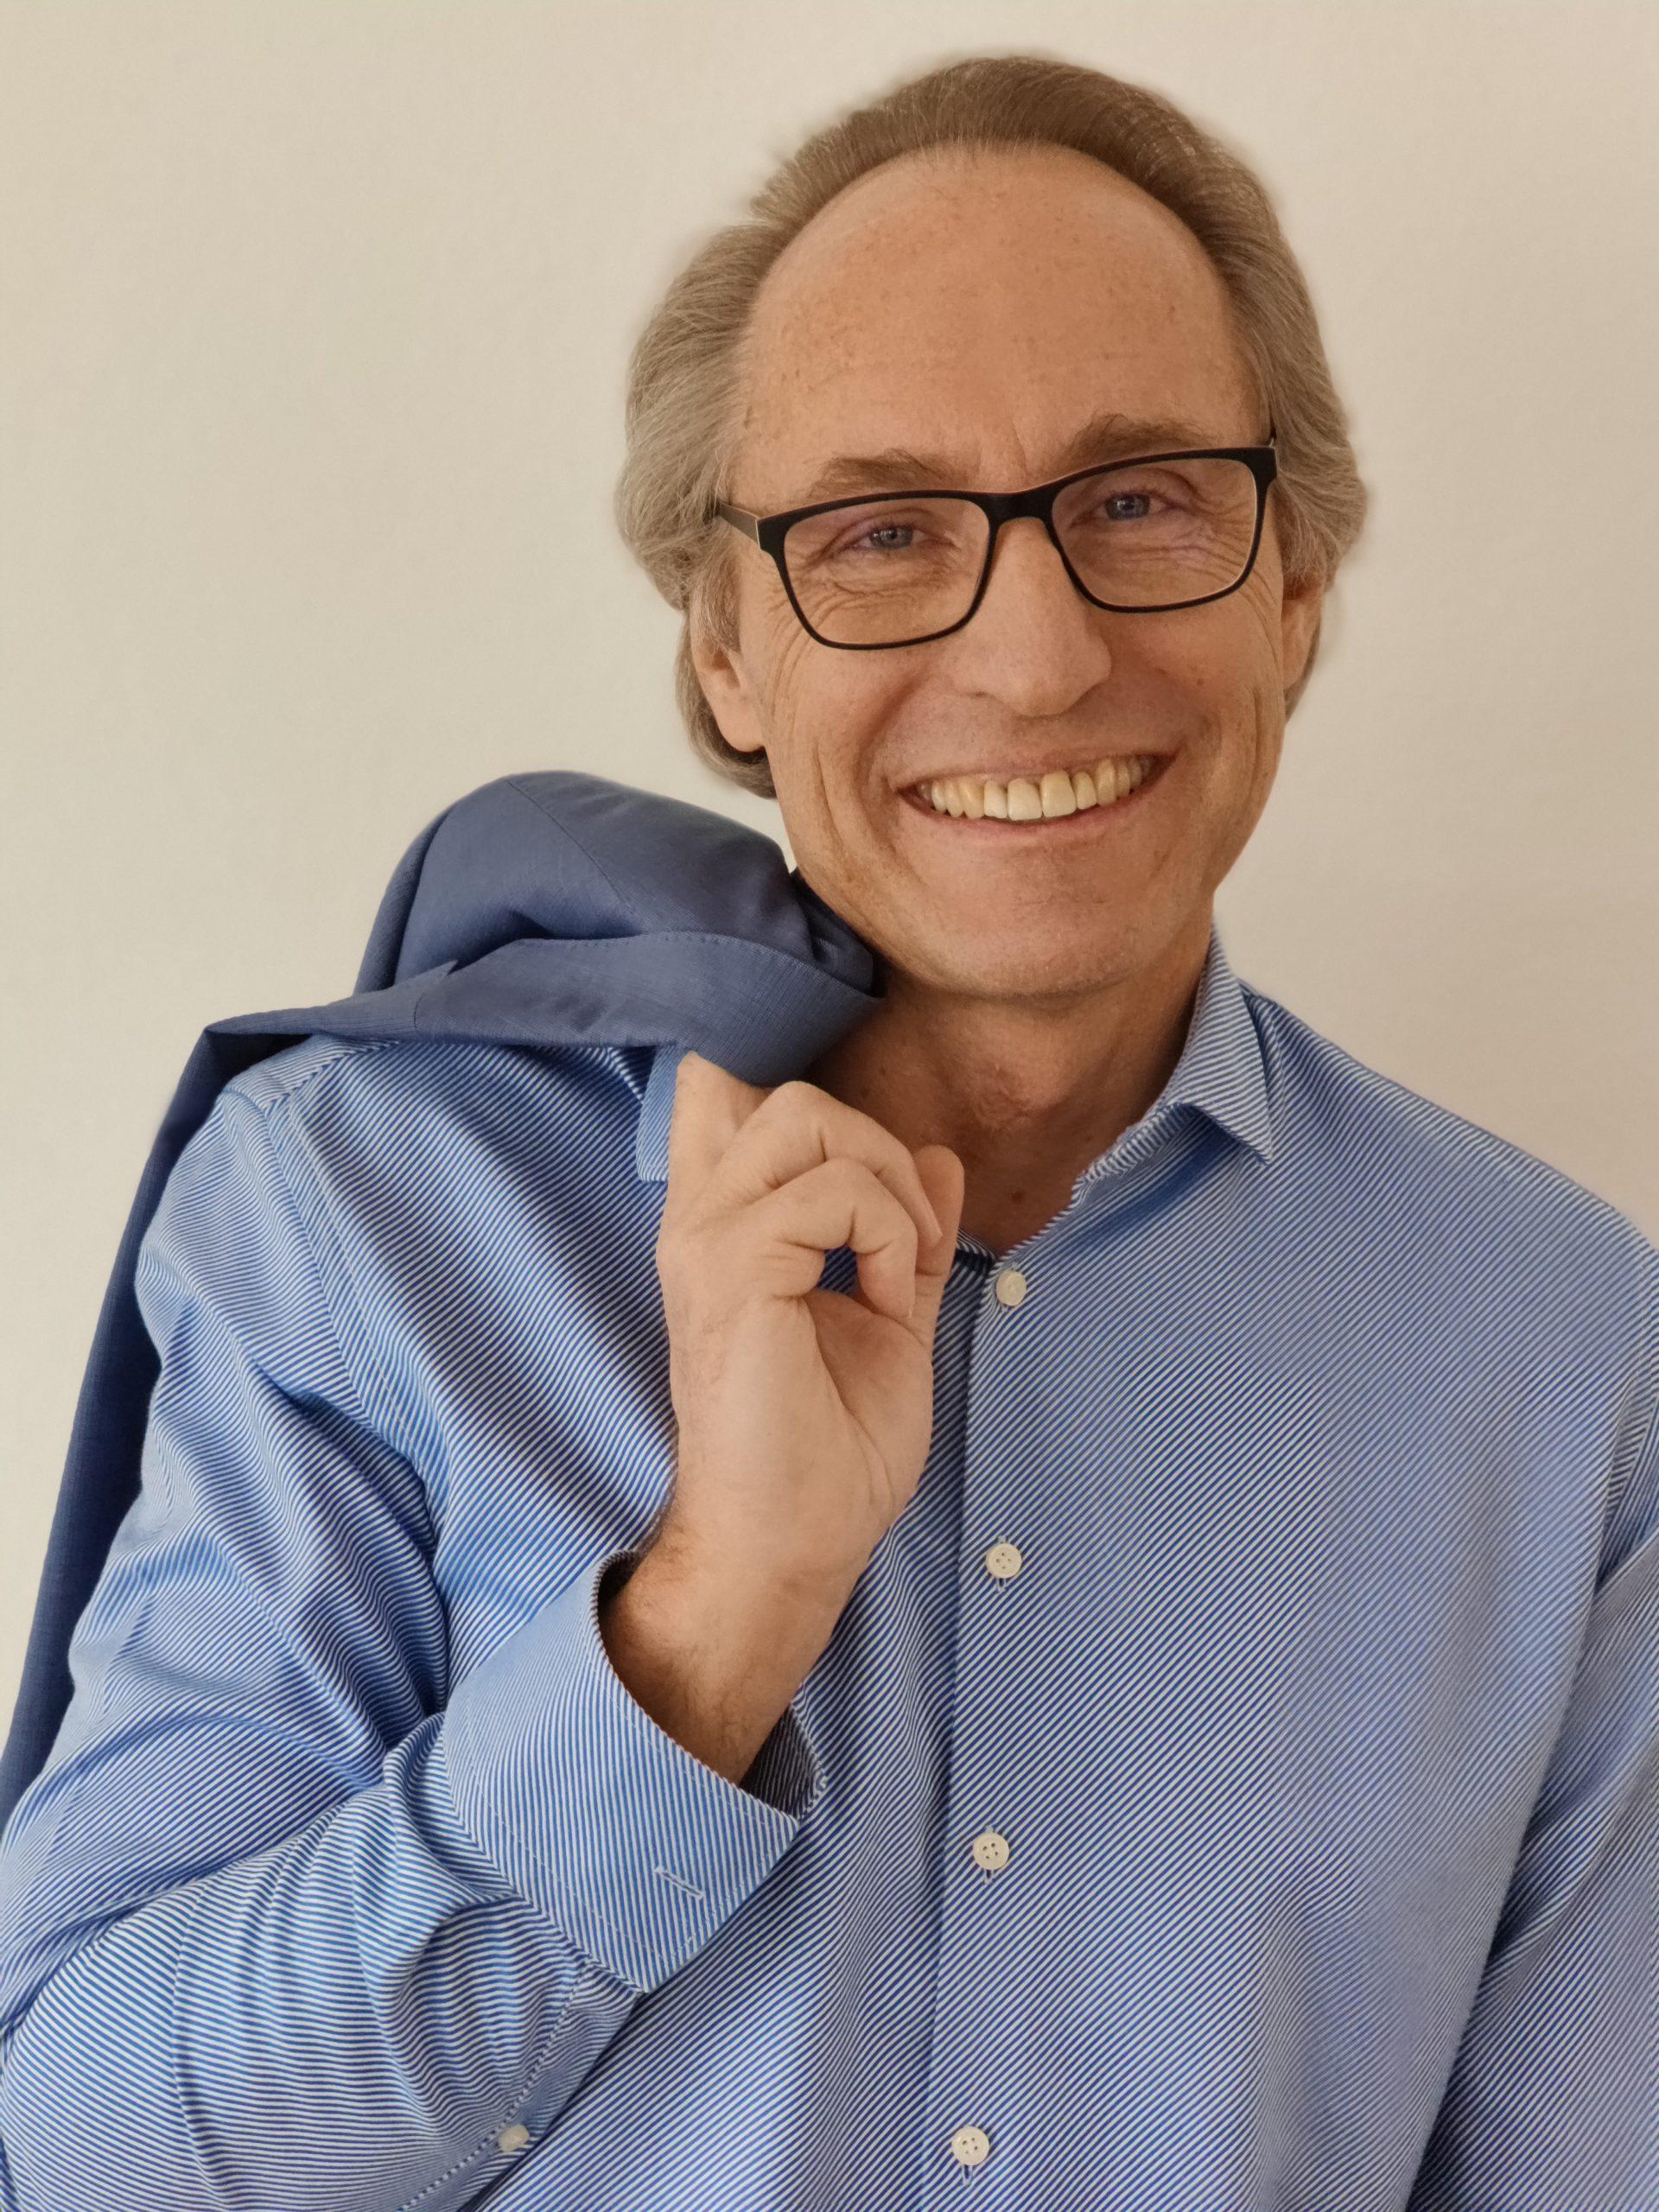 Wolfgang Ender Porträt